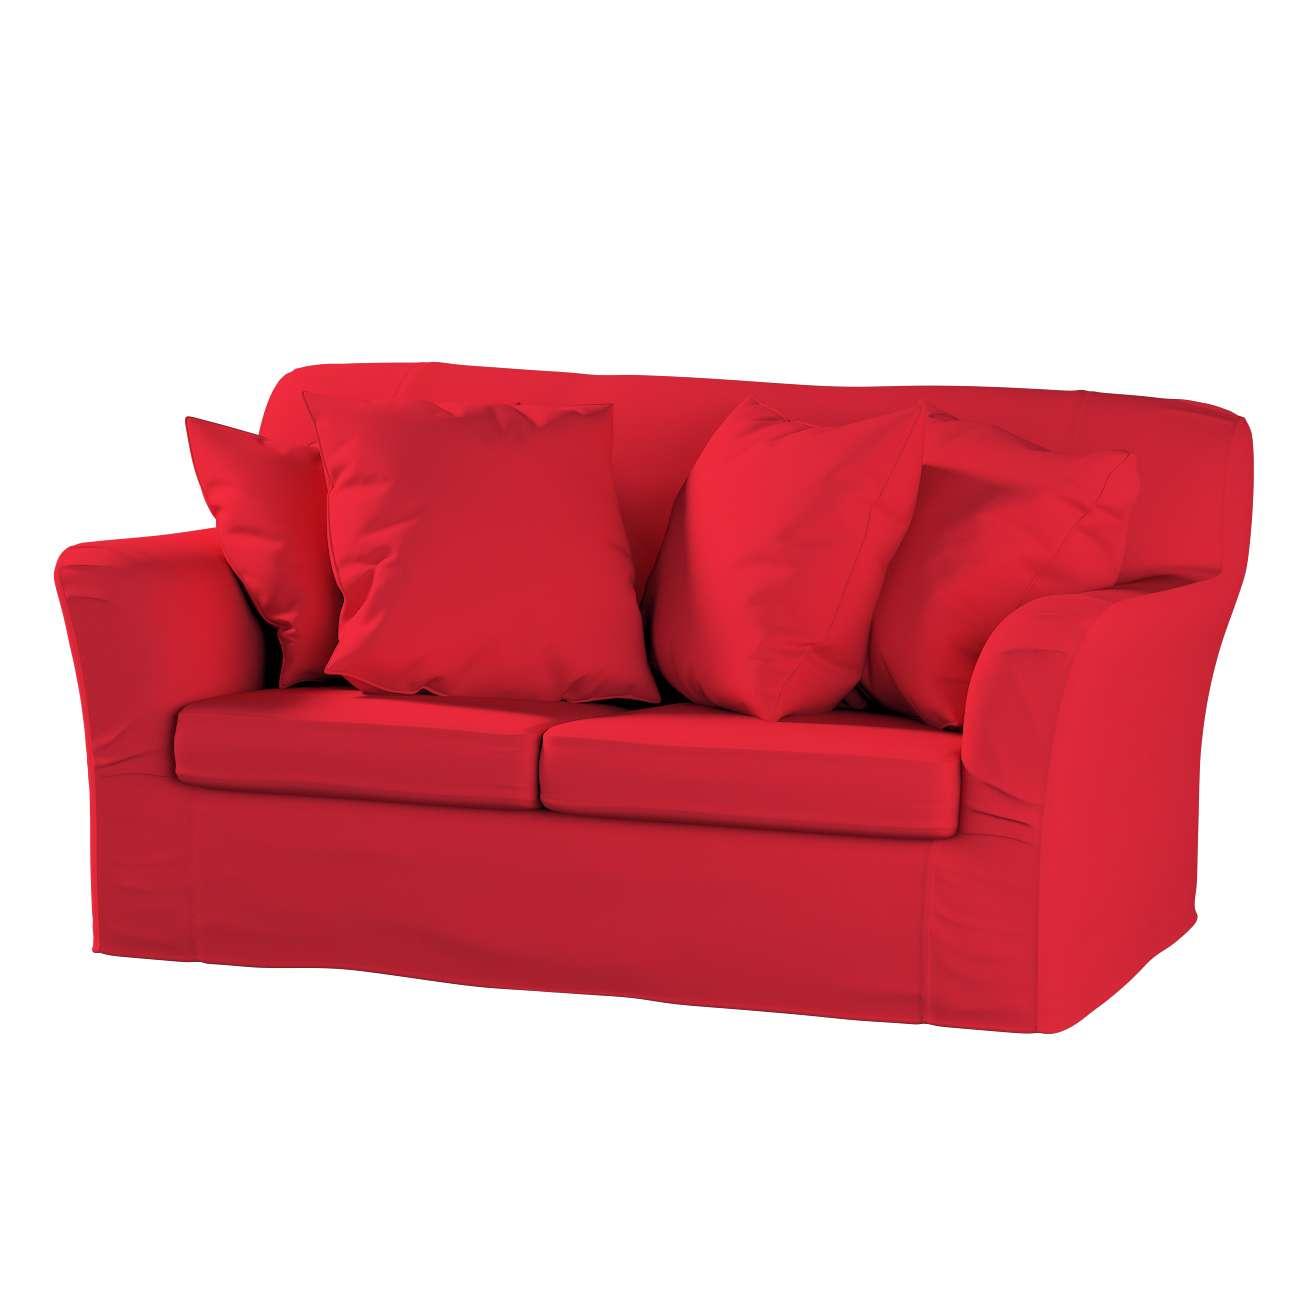 TOMELILLA  dvivietės sofos užvalkalas TOMELILLA dvivietė sofa kolekcijoje Cotton Panama, audinys: 702-04